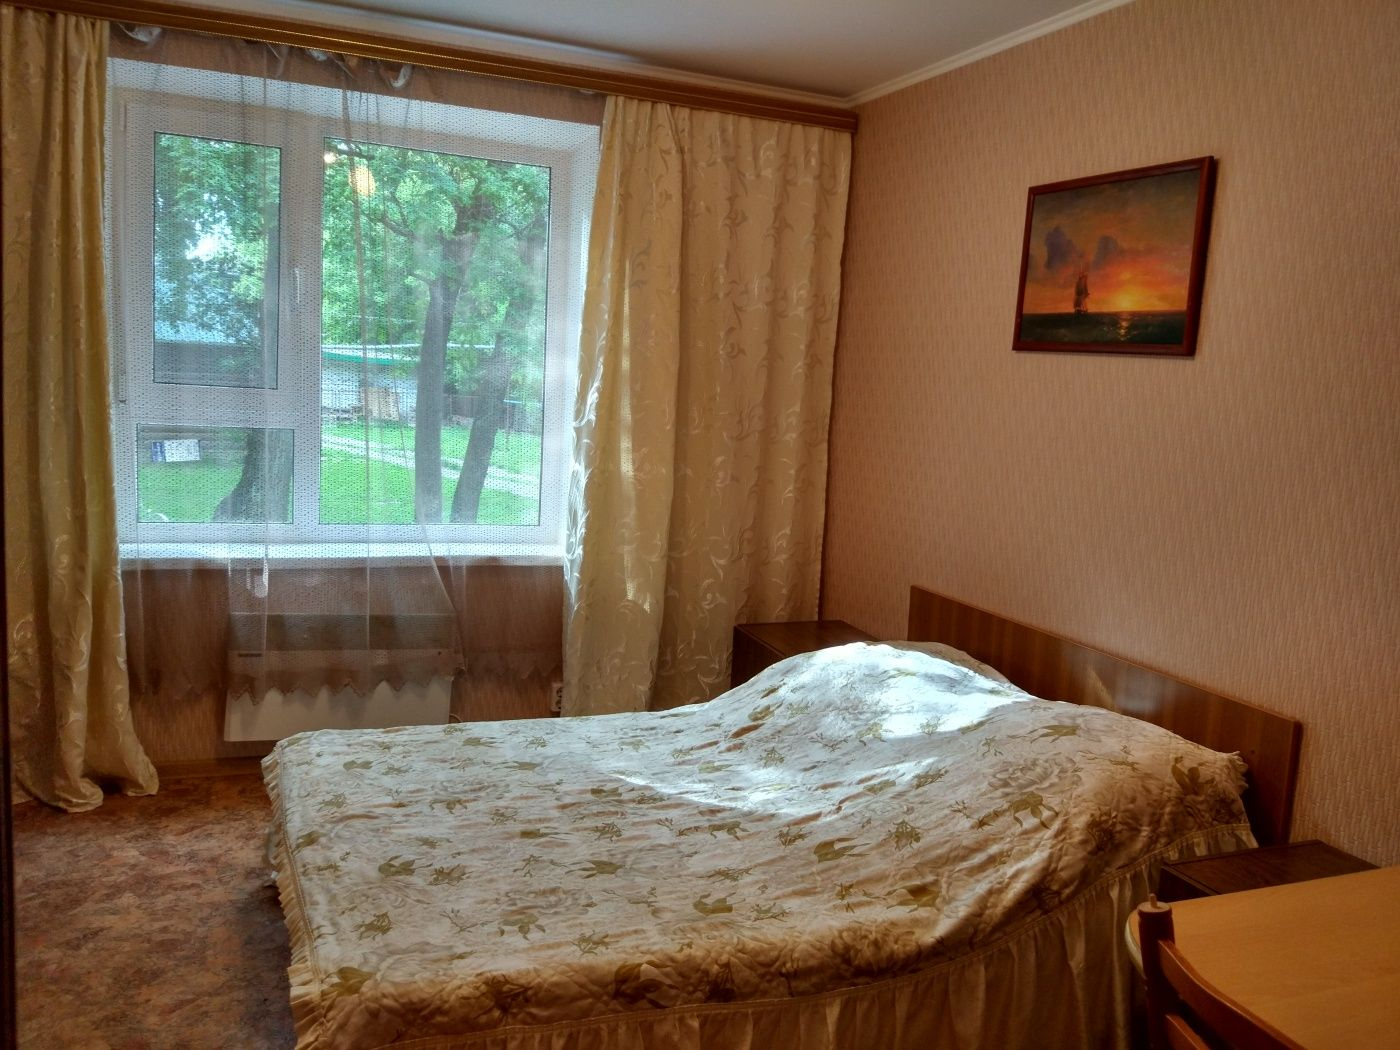 Турбаза «Домостроитель» Саратовская область 2-комнатный номер с удобствами (корпус № 1), фото 1